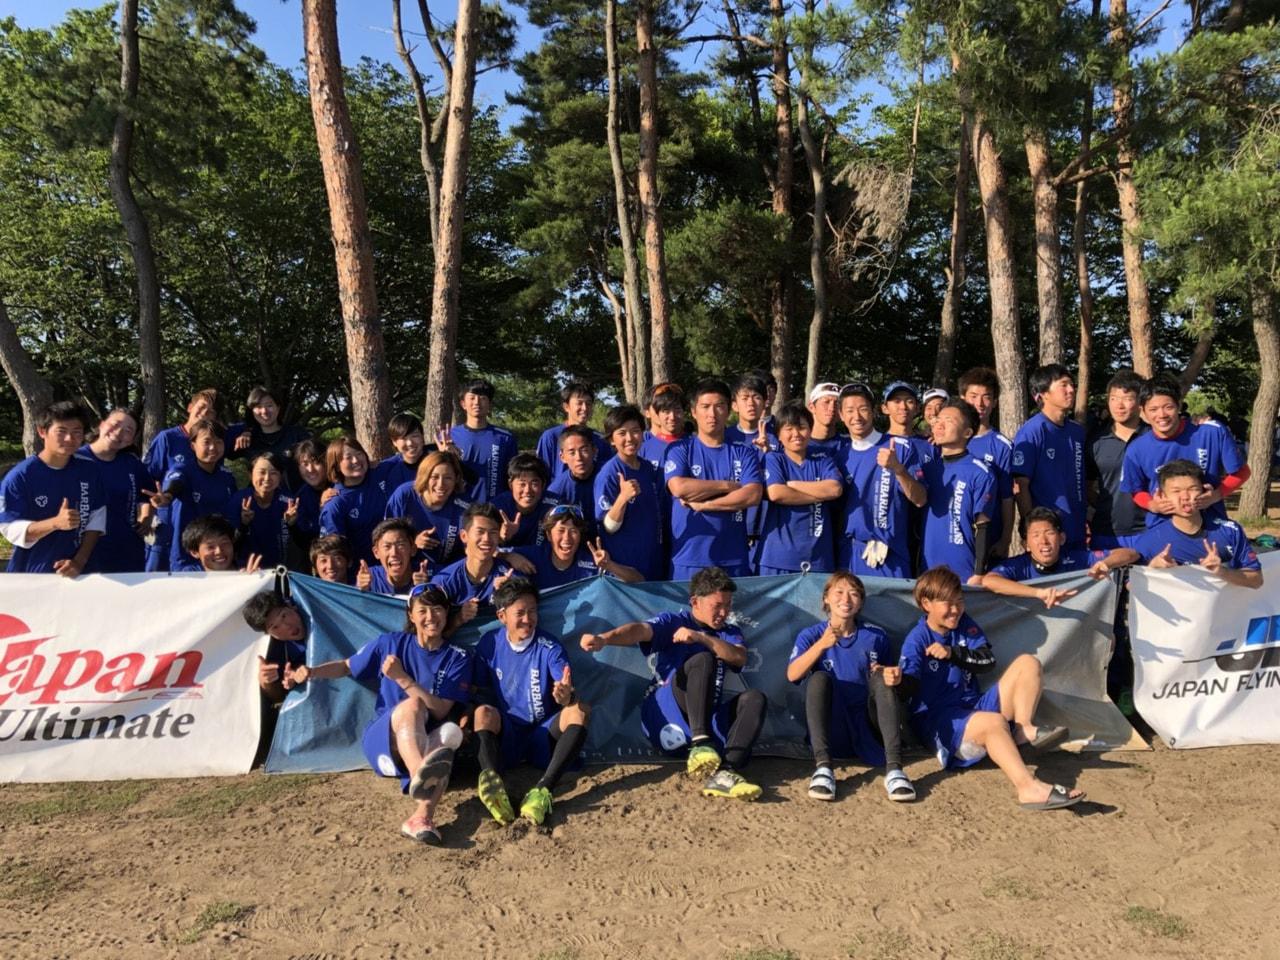 全日本アルティメット選手権大会関東地区予選